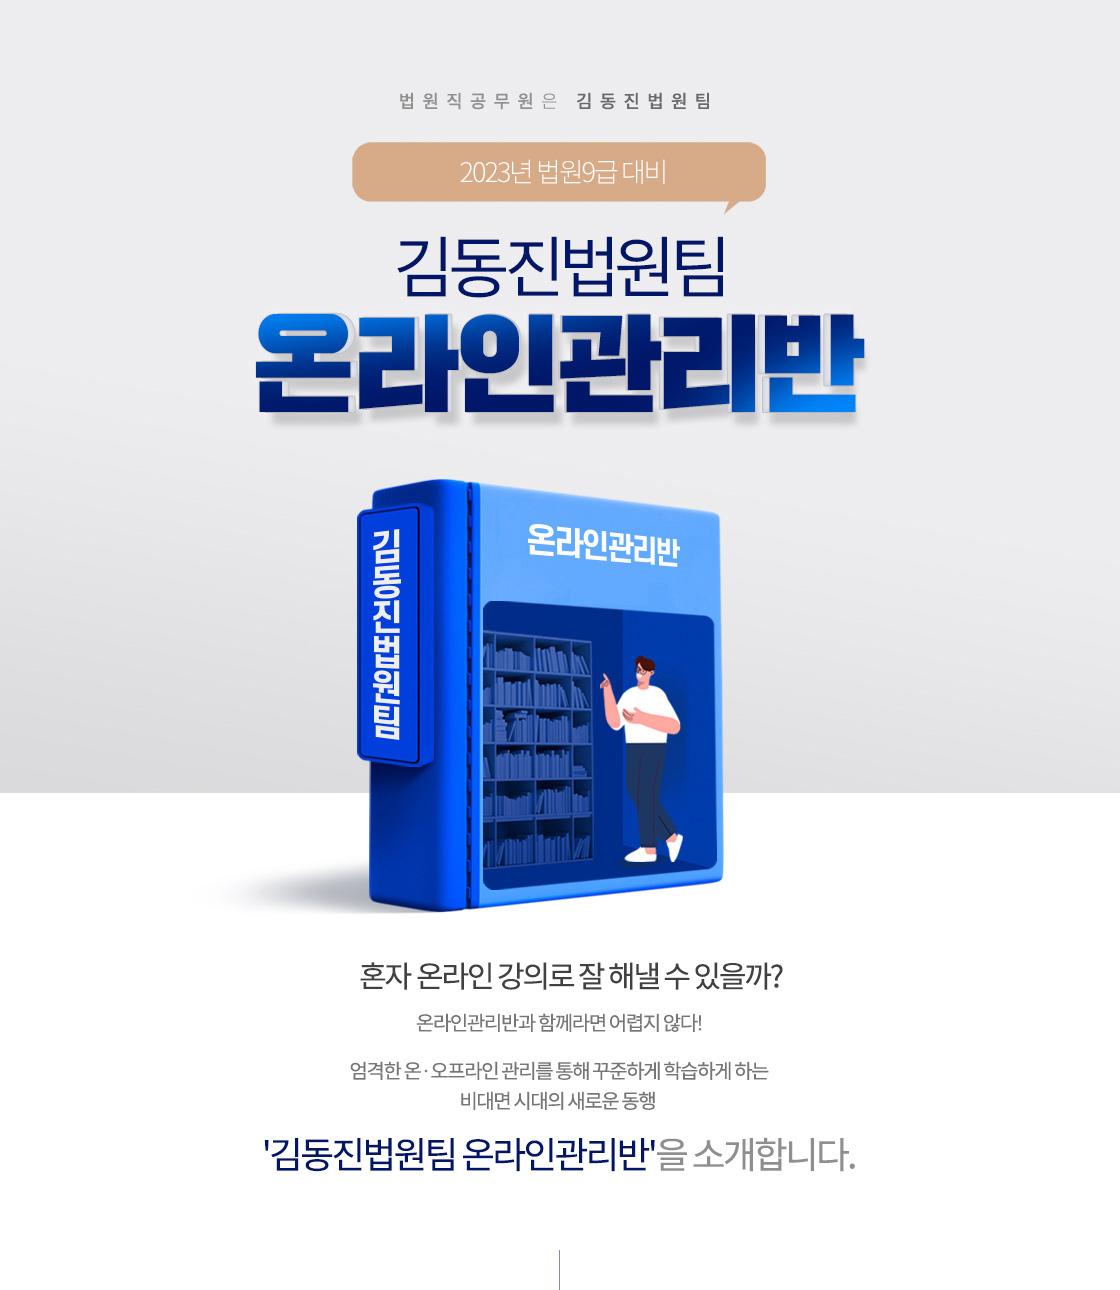 김동진법원팀 동행5기 온라인관리반